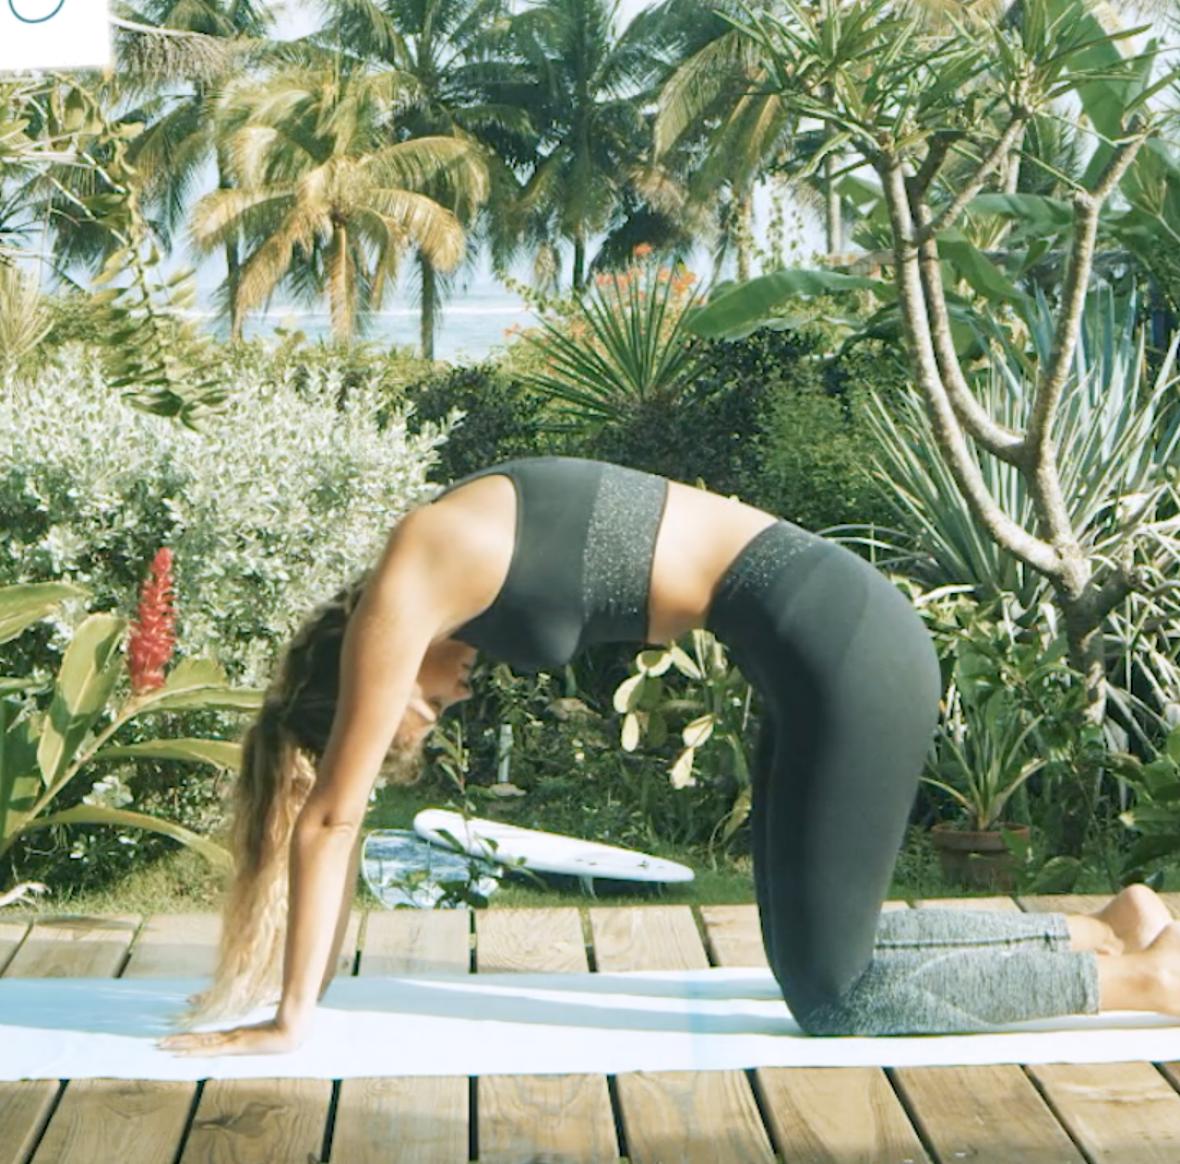 posture chat dos rond dos creux yoga pour surfeurs